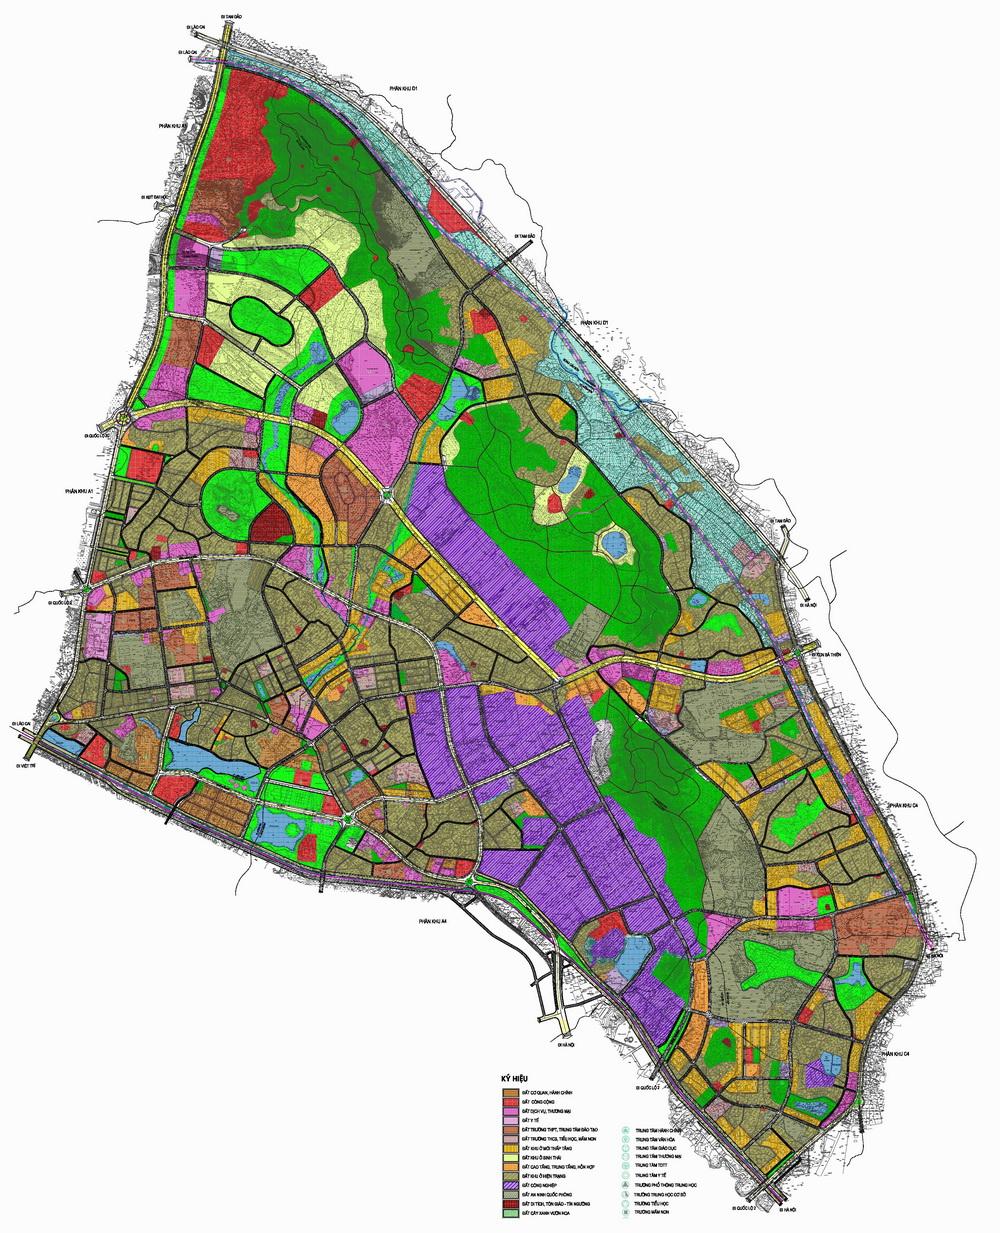 Quy hoạch tổng mặt bằng sử dụng đât Quy hoạch phân khu A5 tỷ lệ 1/2000 Phát triển đô thị trung tâm tại thành phố Vĩnh Yên và một phần đất đai huyện Bình Xuyên, huyện Tam Dương - Vĩnh Phúc